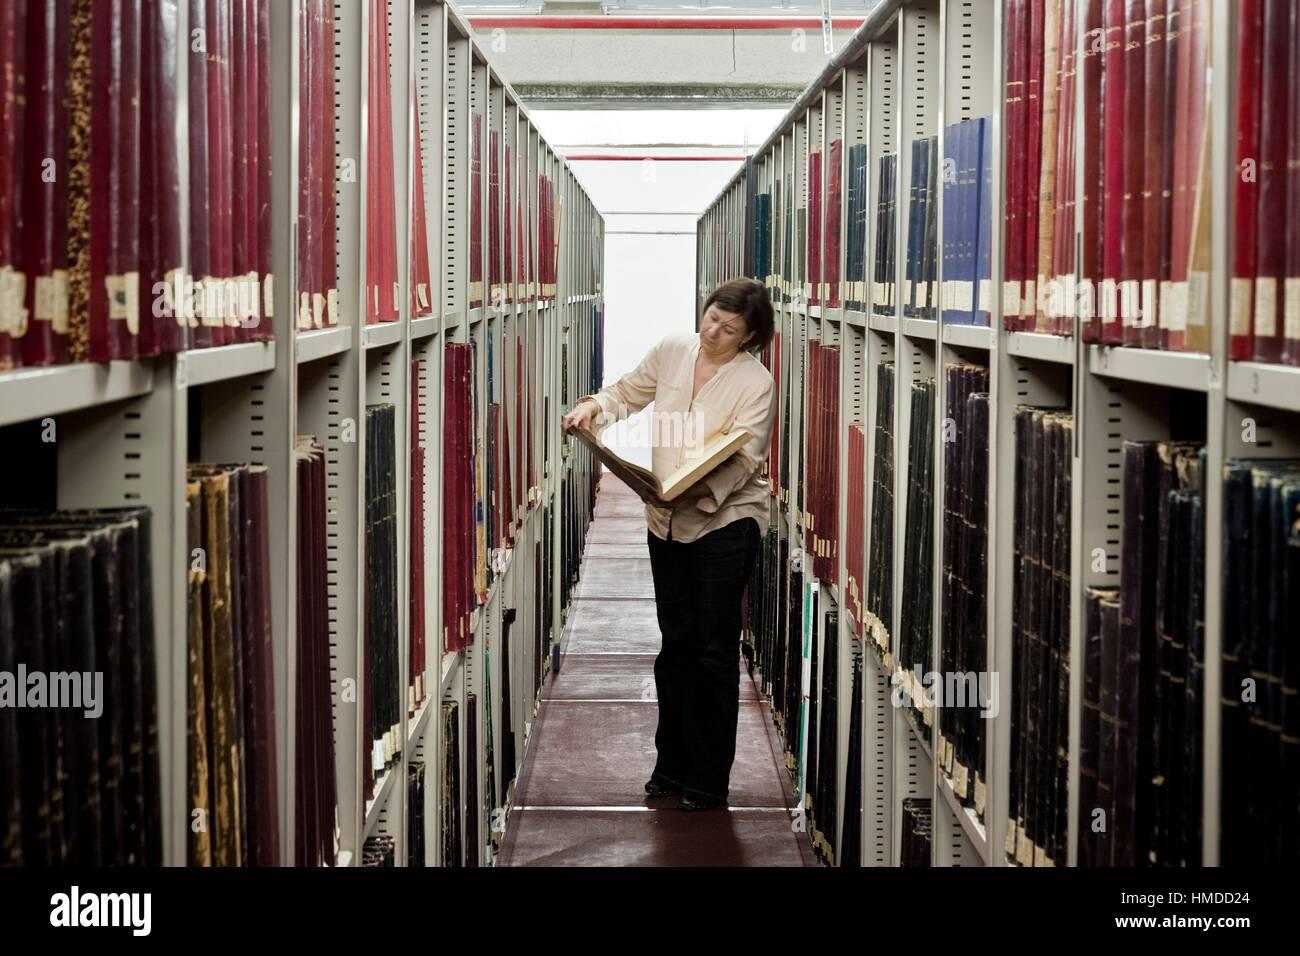 Archivio di rari e manoscritti storici. Conde Duque Centro Arte. Madrid. Spagna. Immagini Stock